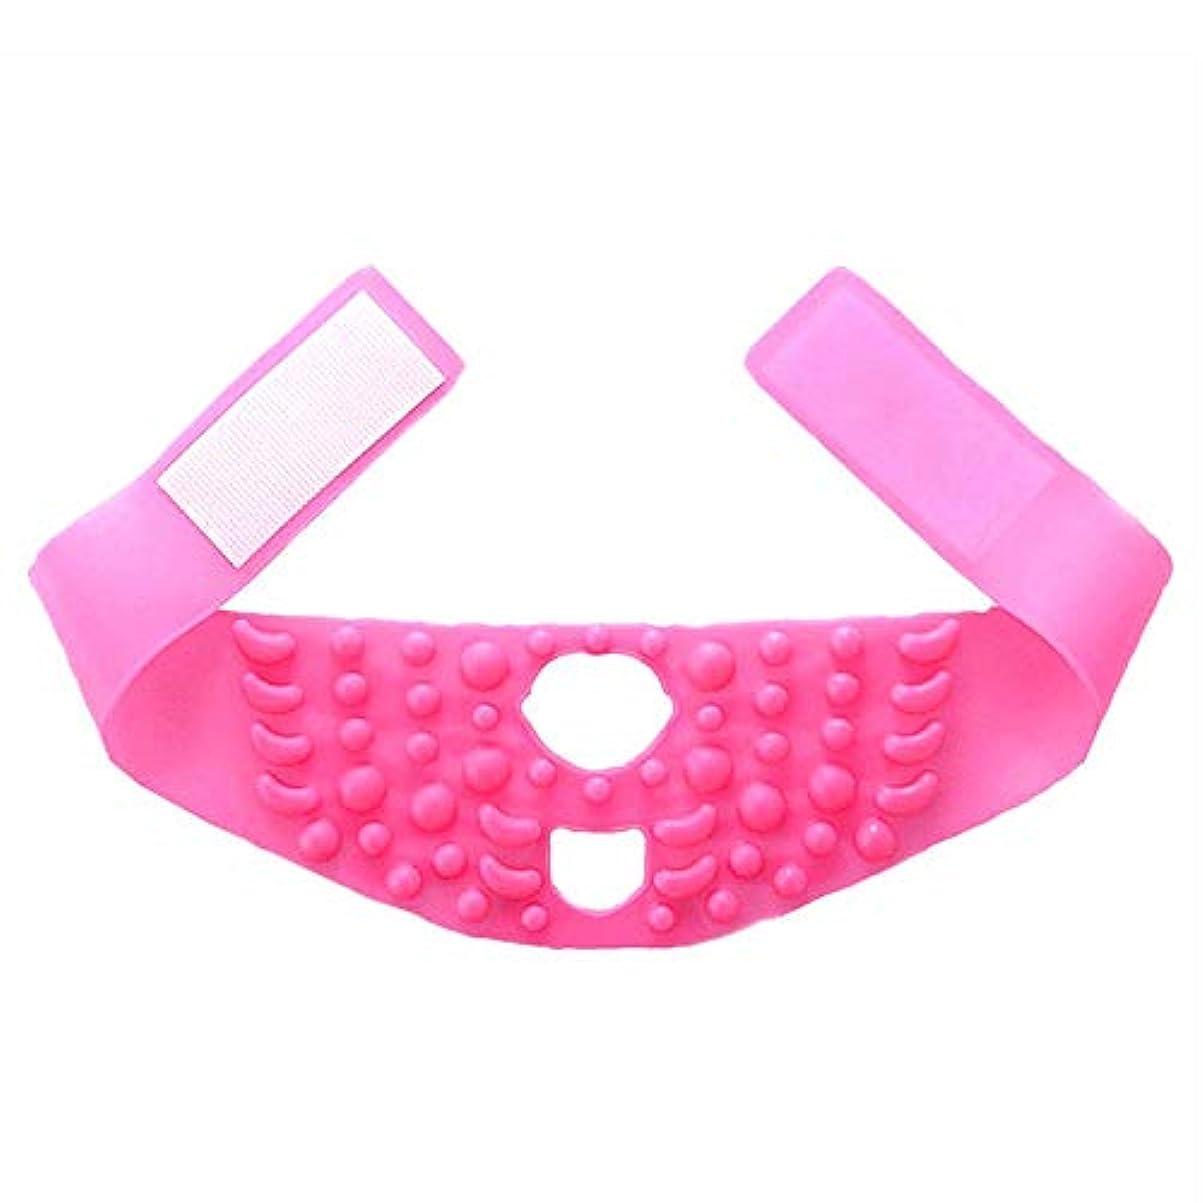 しないなだめる堀Jia Jia- シンフェイスマスクシリコーンマッサージ引き締まった形の小さなVフェイスリフティングに薄いフェイスアーティファクト包帯を飾る - ピンク 顔面包帯